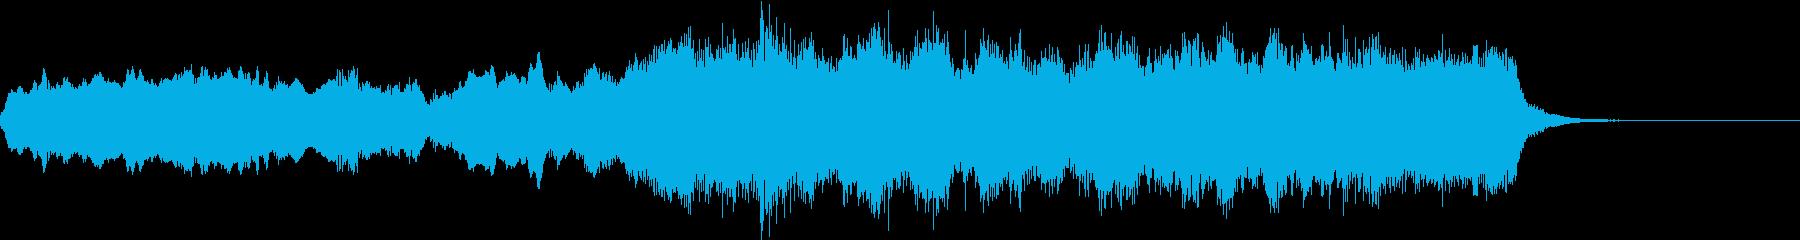 短いドラマチックオーケストラの再生済みの波形